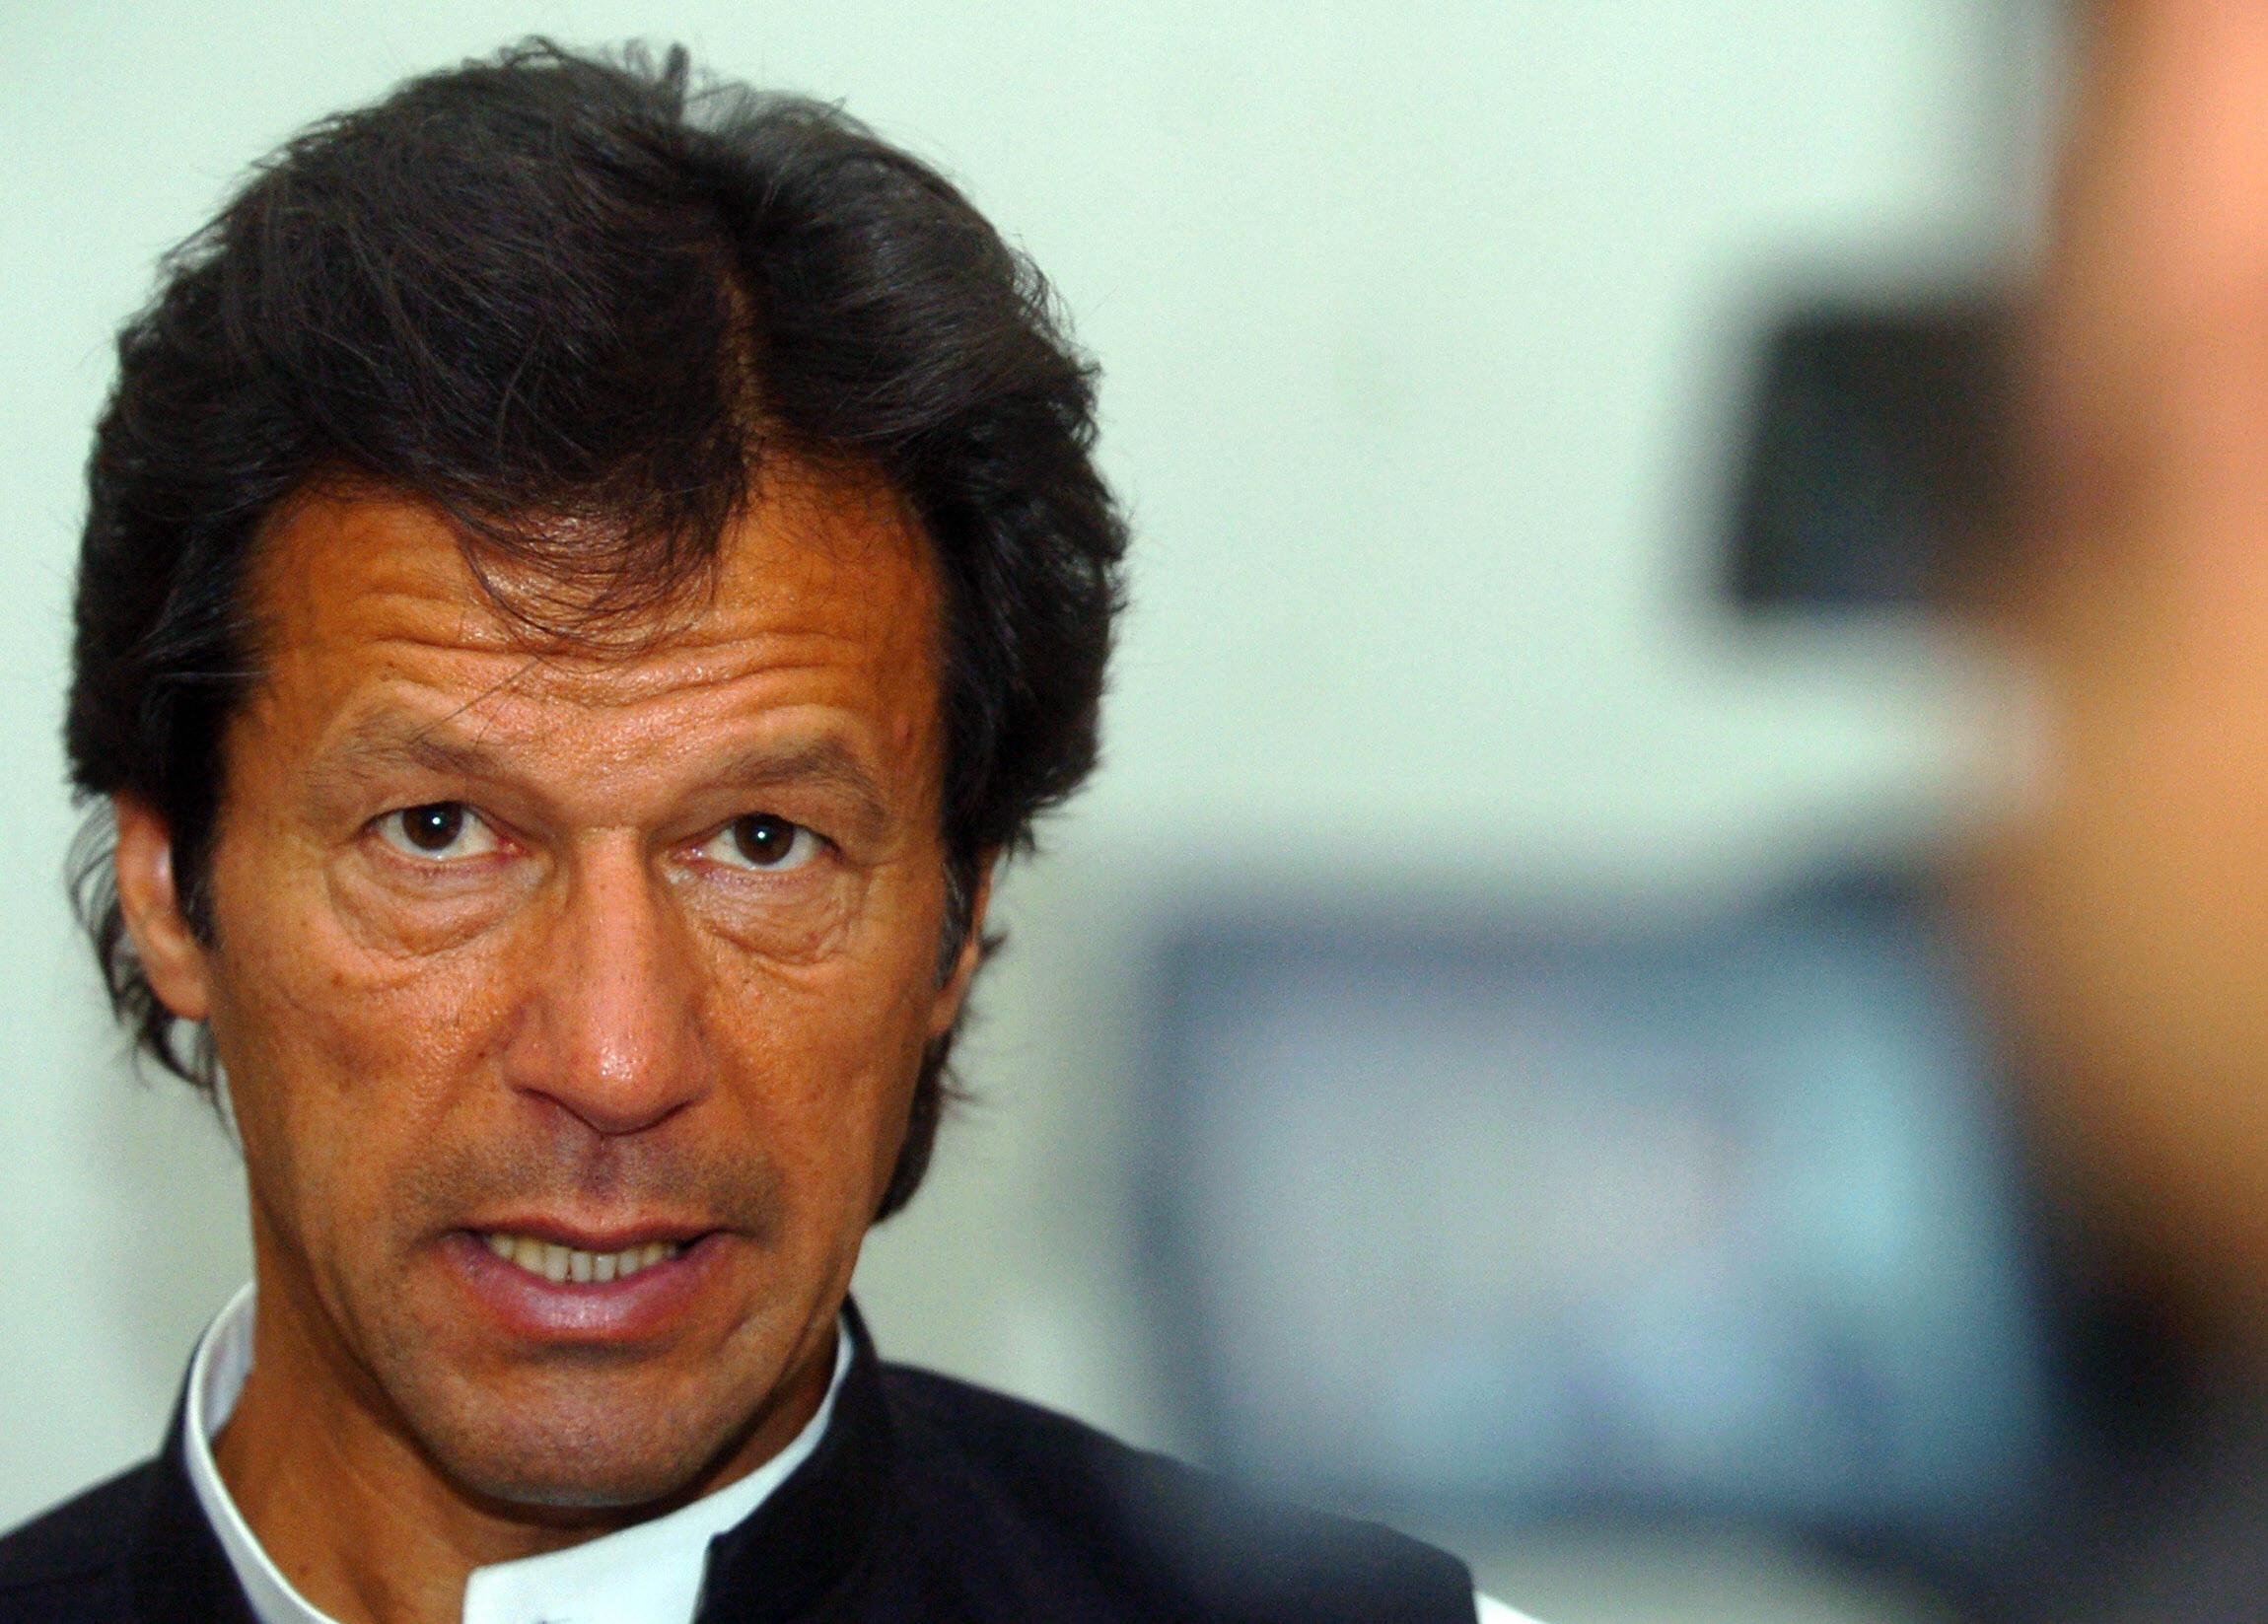 Imran Khan High Definition Wallpapers